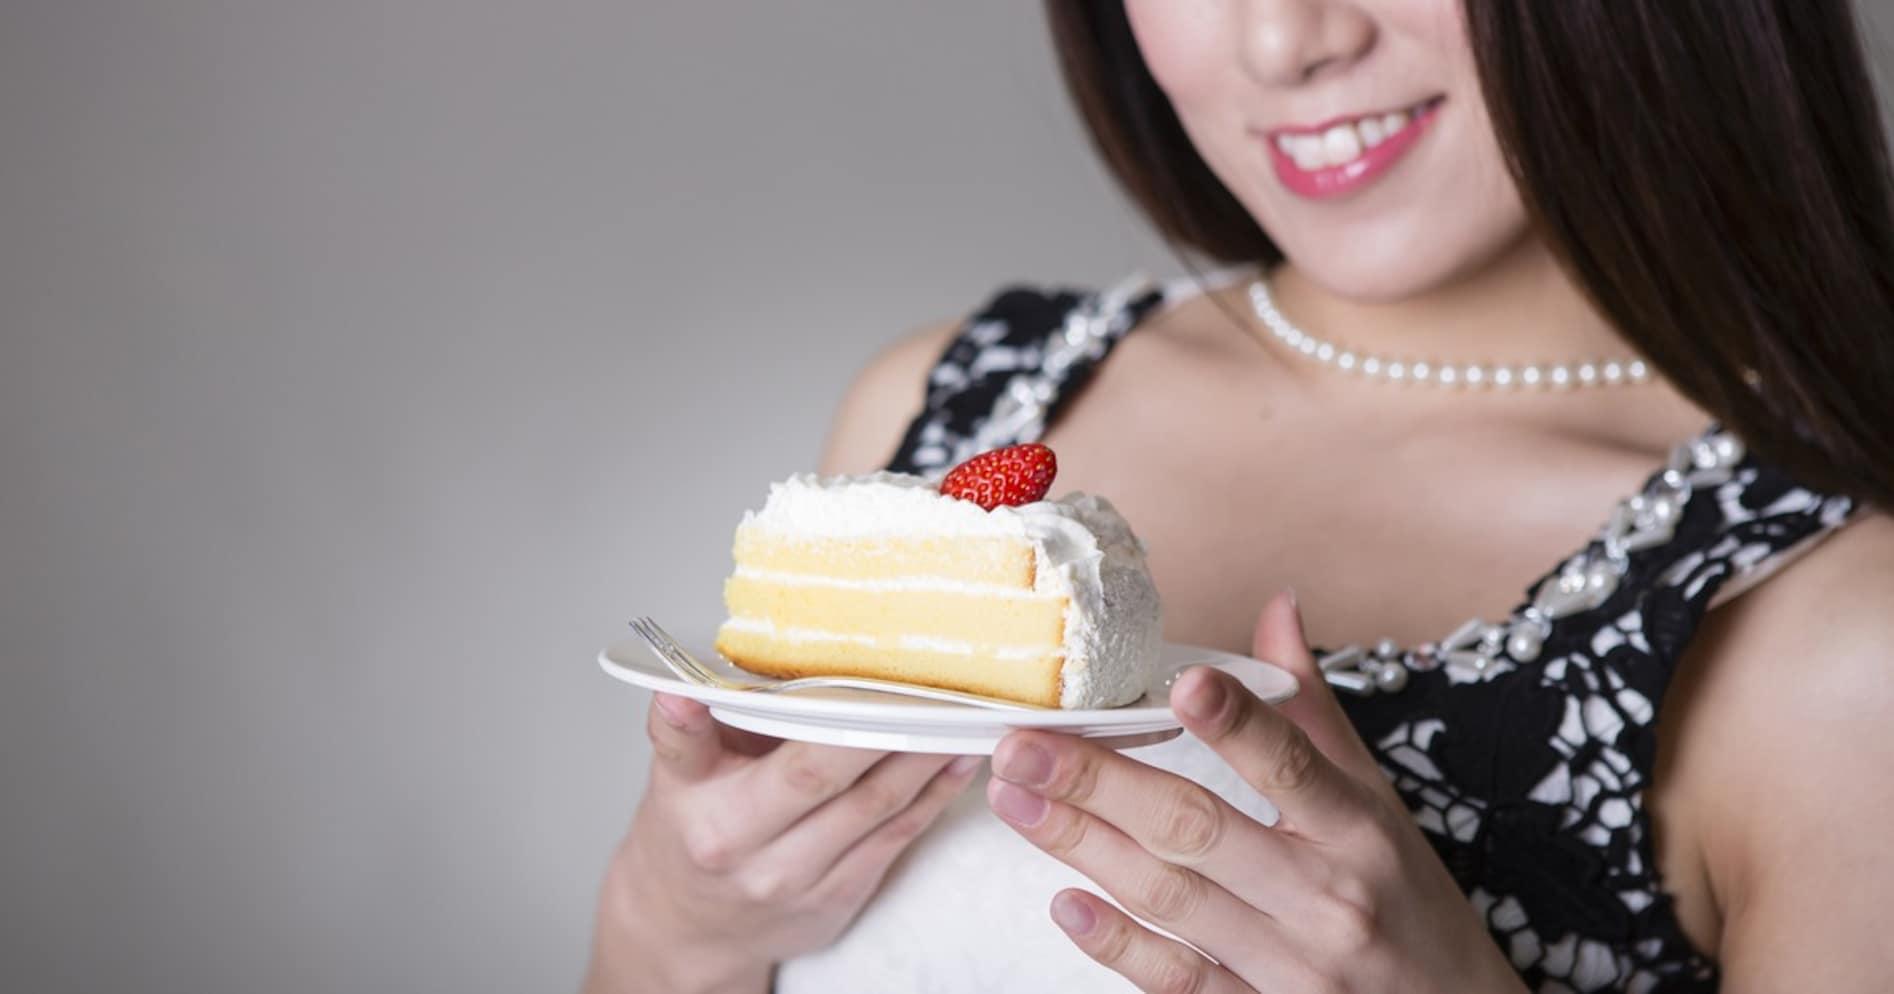 武井壮の「金目当て女大歓迎」発言に同意!